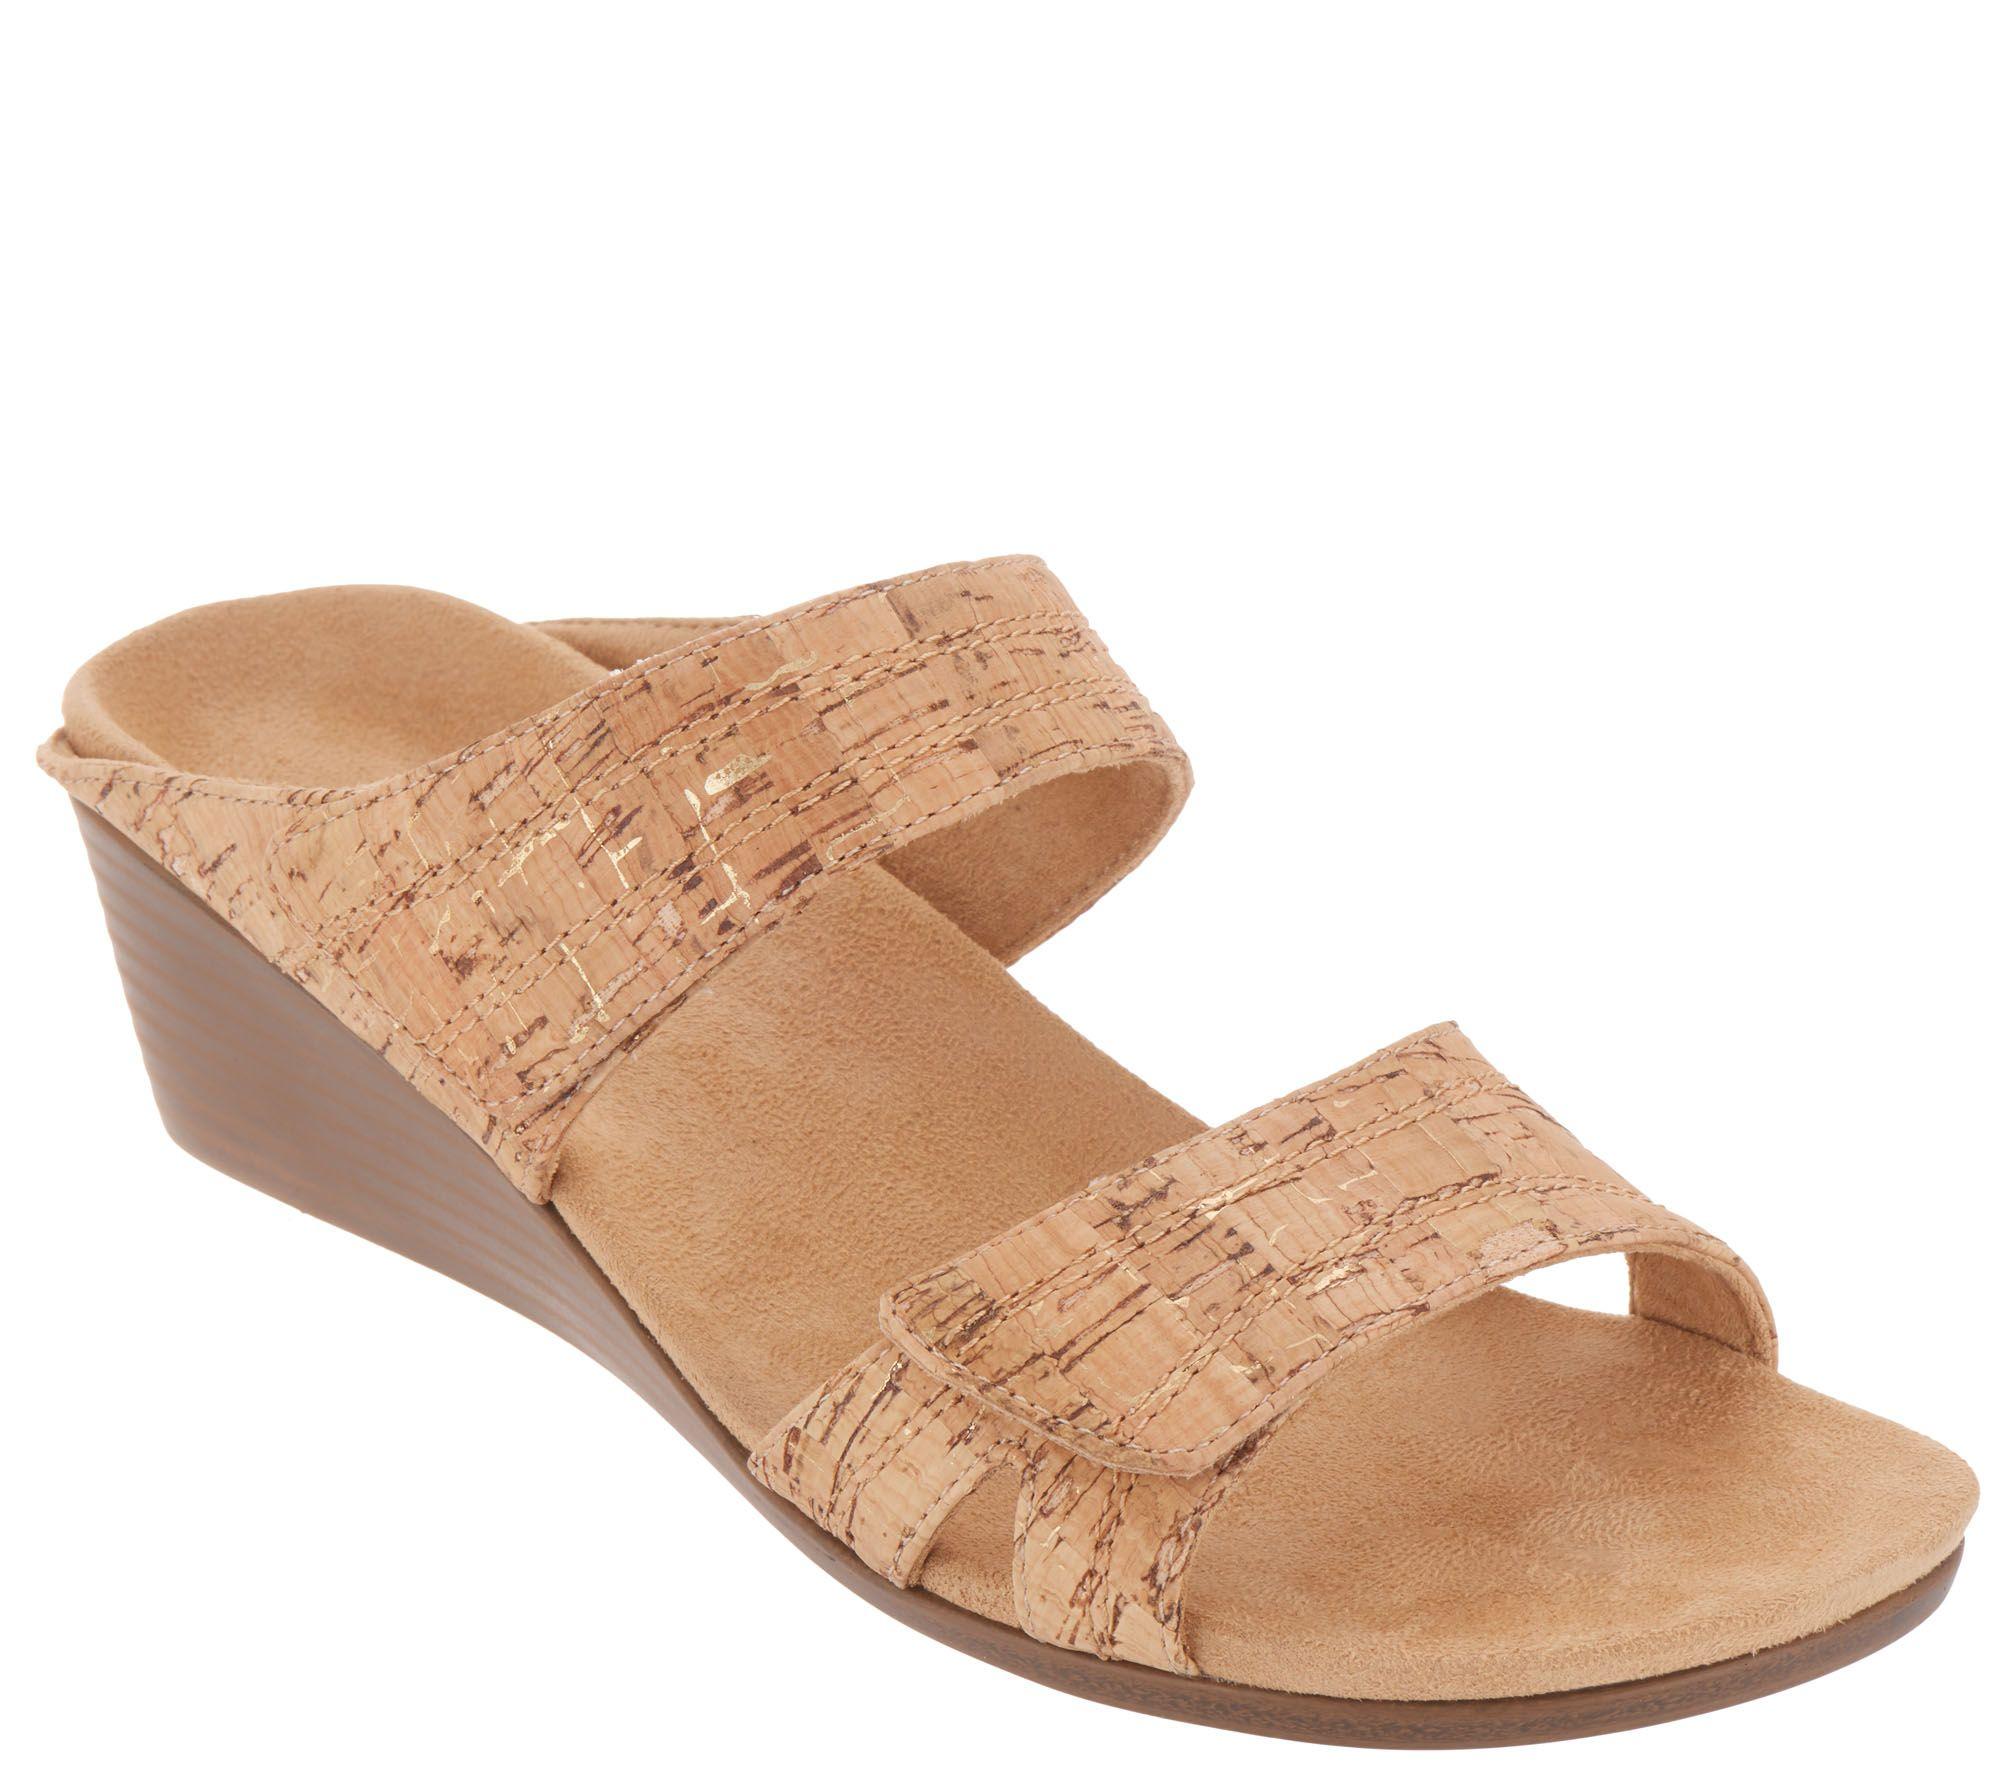 0ed6b0516a97 Vionic Slide Wedge Sandals - Chrissy - Page 1 — QVC.com